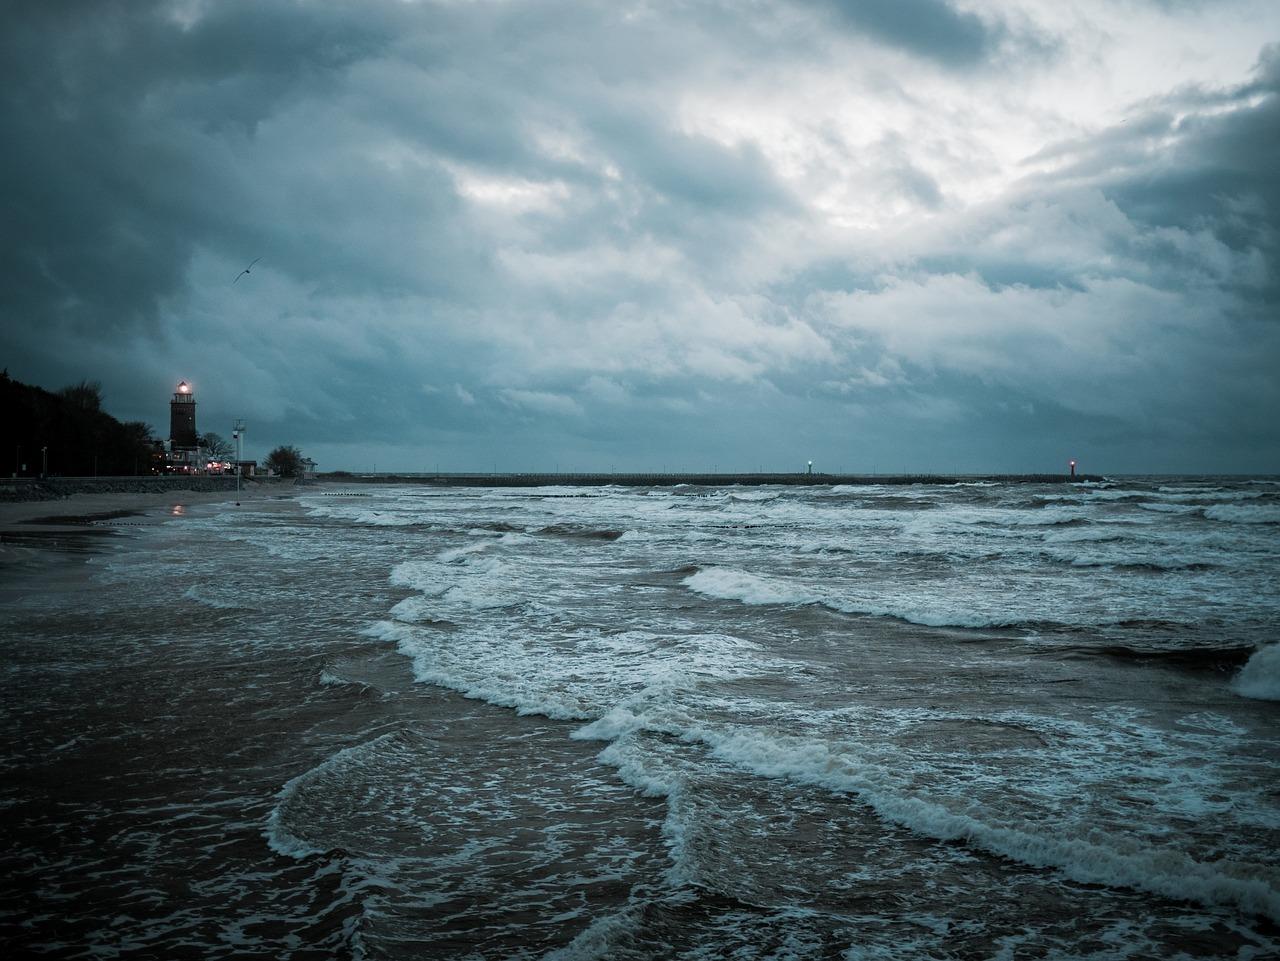 МЧС: в ночь на 23 ноября на востоке Крыма ожидается штормовой ветер